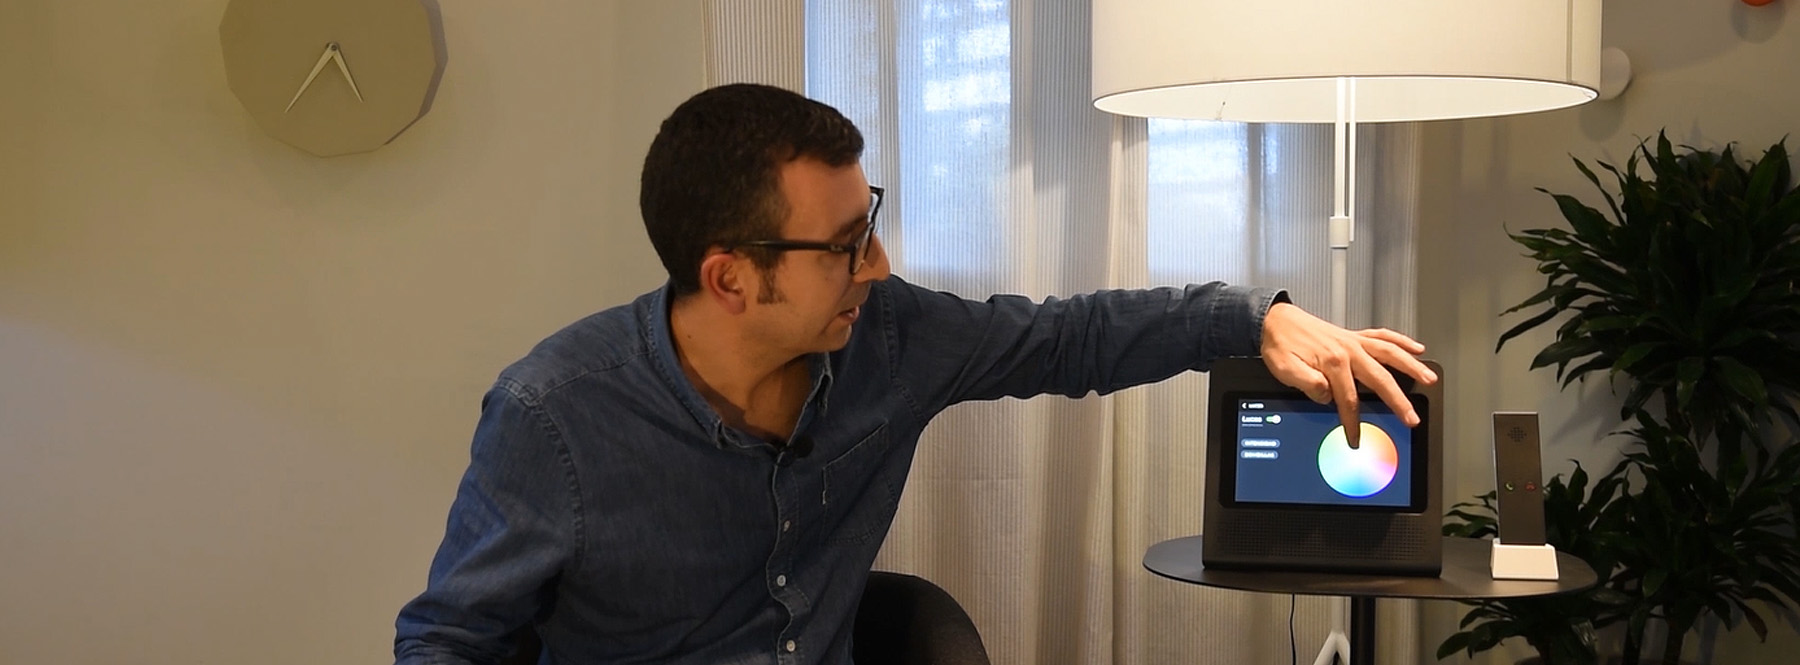 Control de luces, la nueva funcionalidad de domótica en Movistar Home